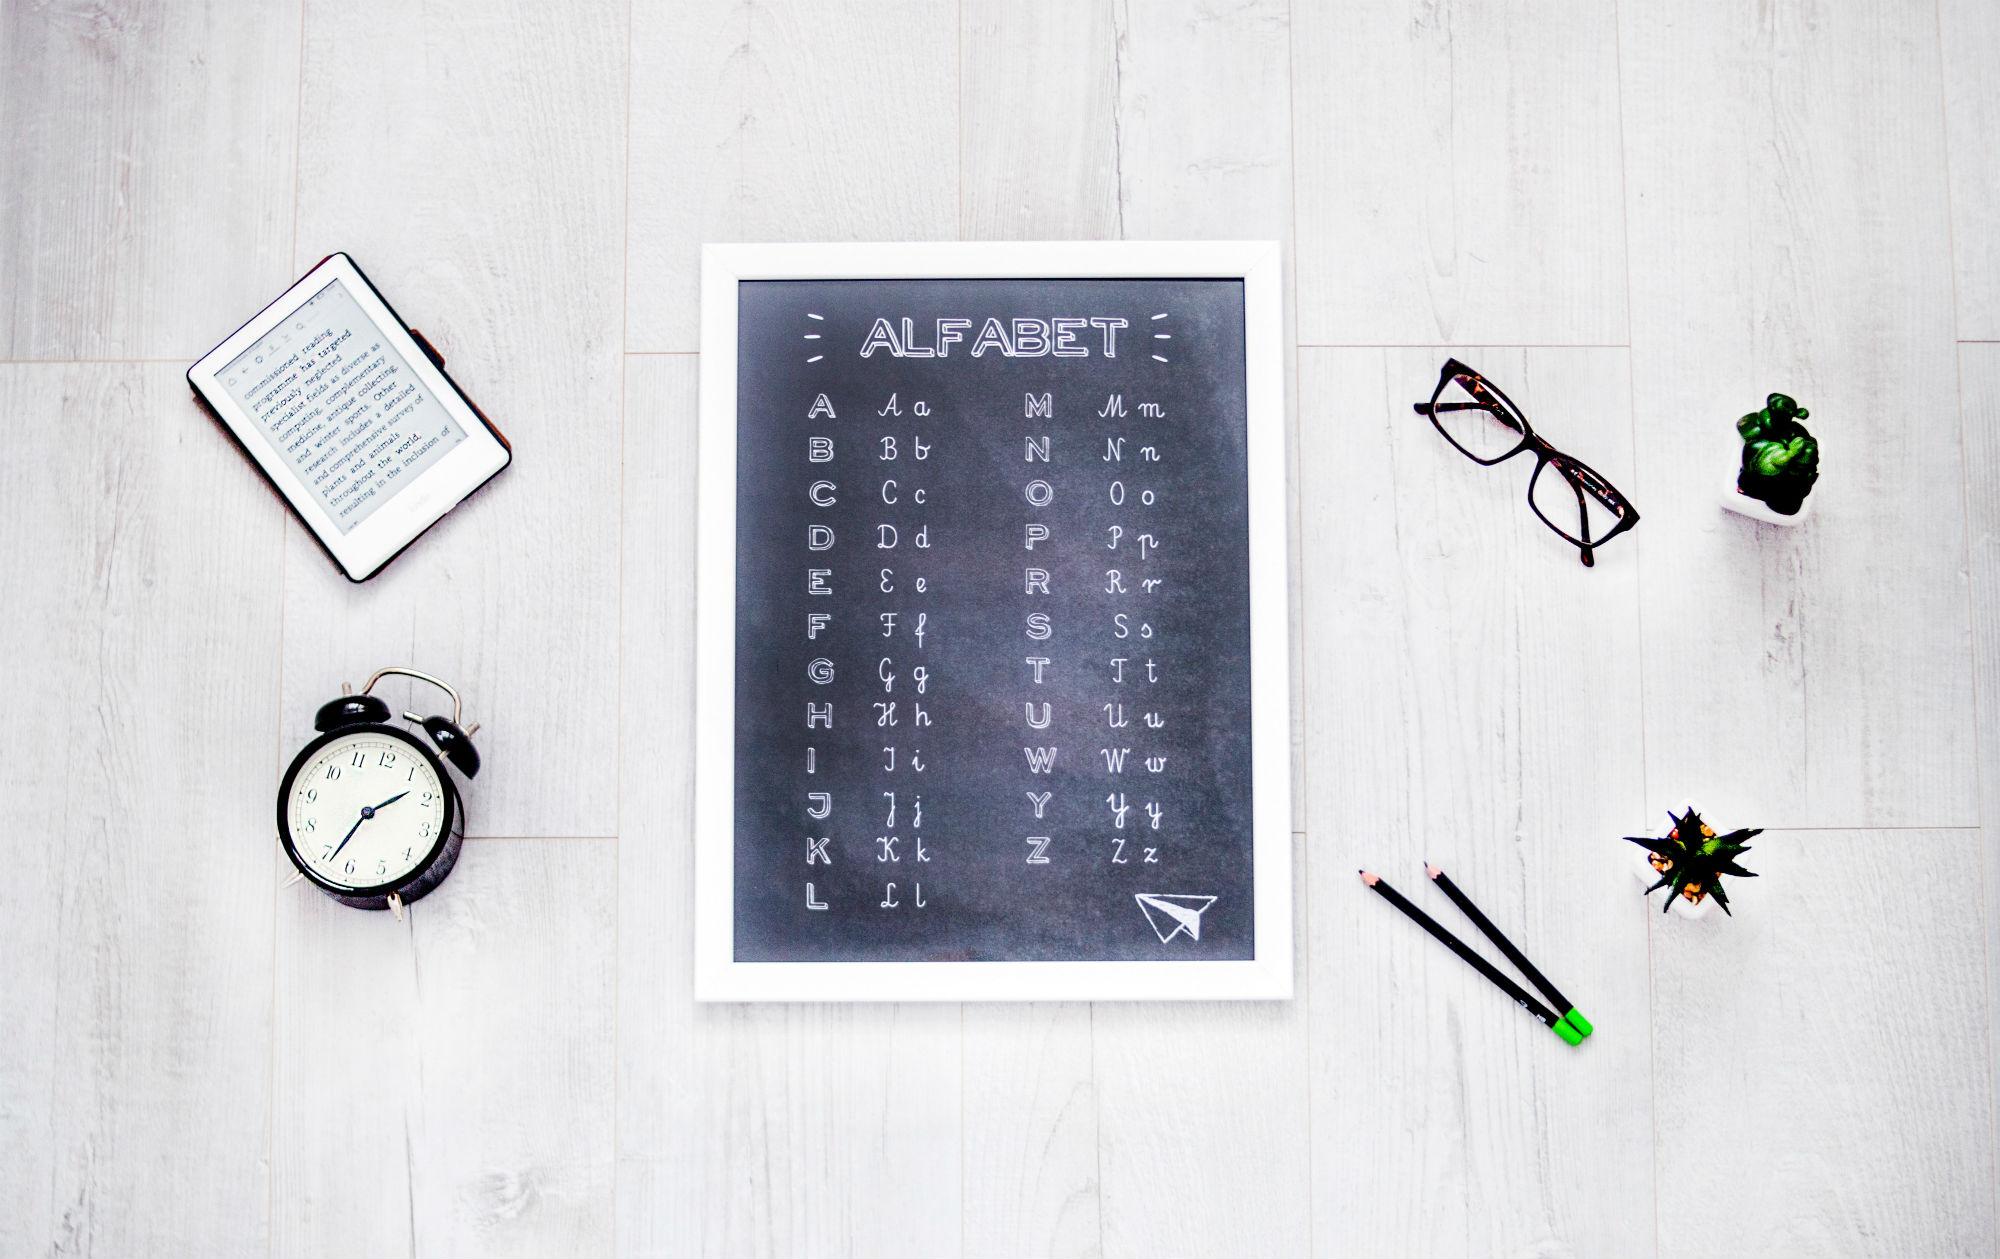 L'alphabet En Anglais : Lettres, Prononciation Et Astuces avec Comment Écrire Les Lettres De L Alphabet Français